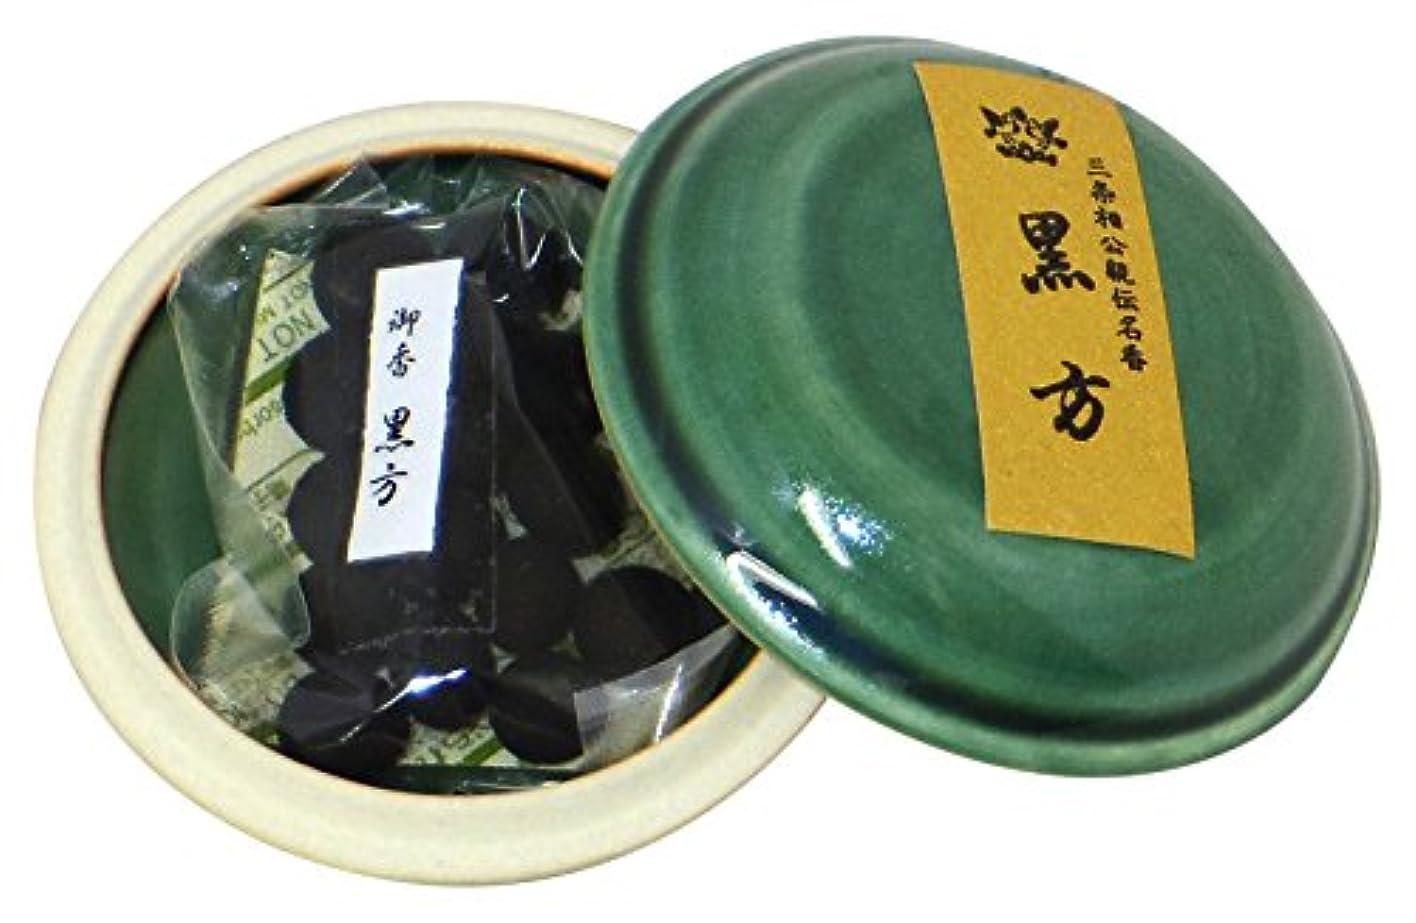 講義備品観察する鳩居堂の煉香 御香 黒方 桐箱 たと紙 陶器香合8g入 #501